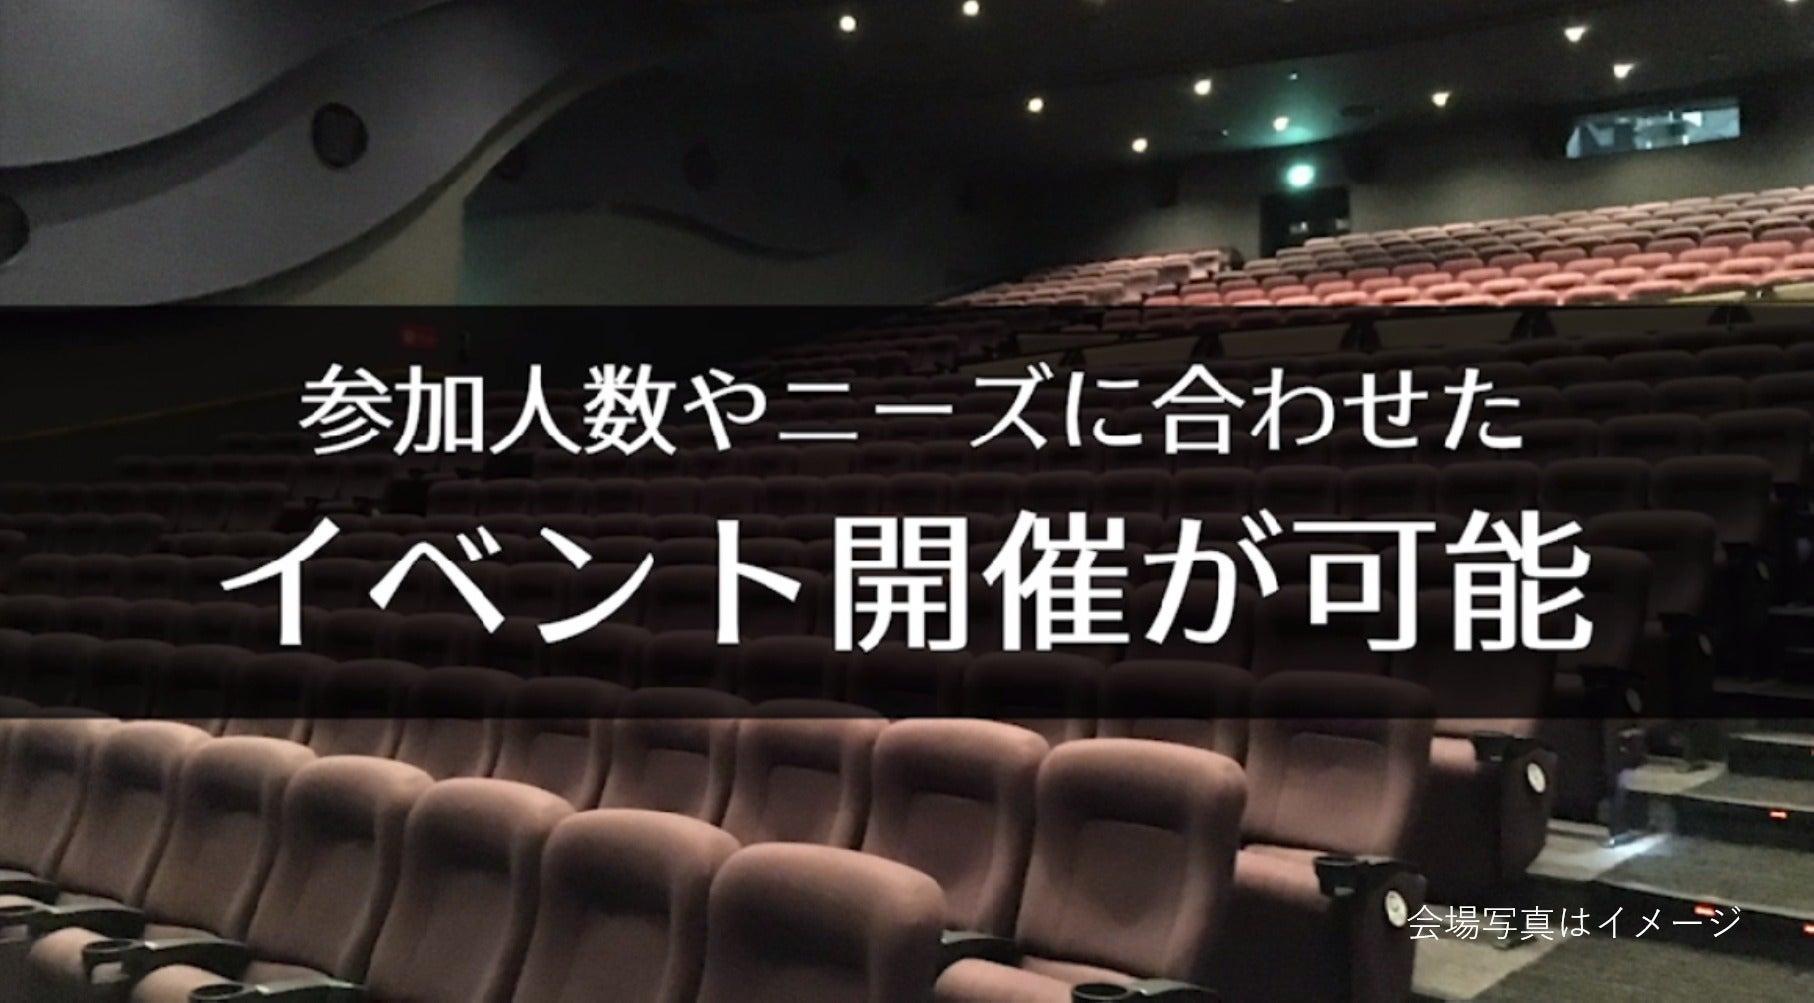 【金沢 324席】映画館で、会社説明会、株主総会、講演会の企画はいかがですか?